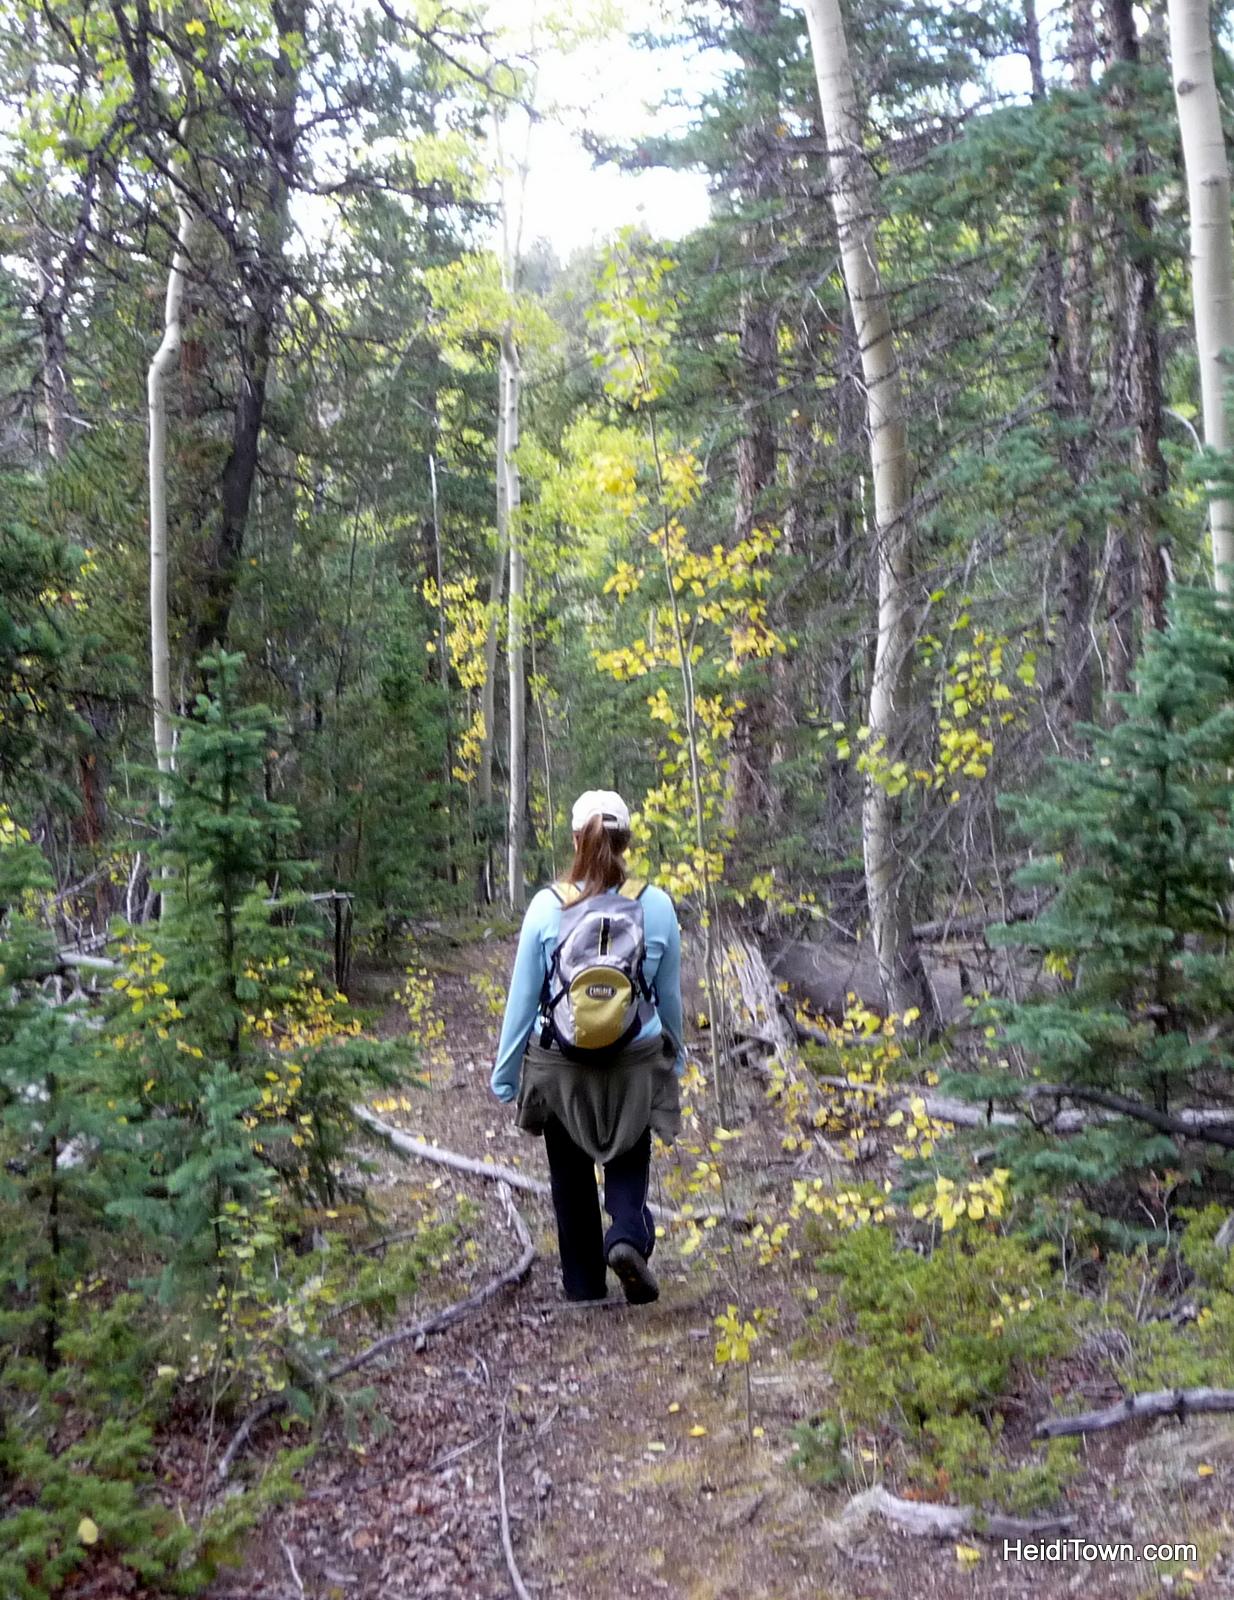 Hiking at Mt. School Marm Colorado. HeidiTown.com